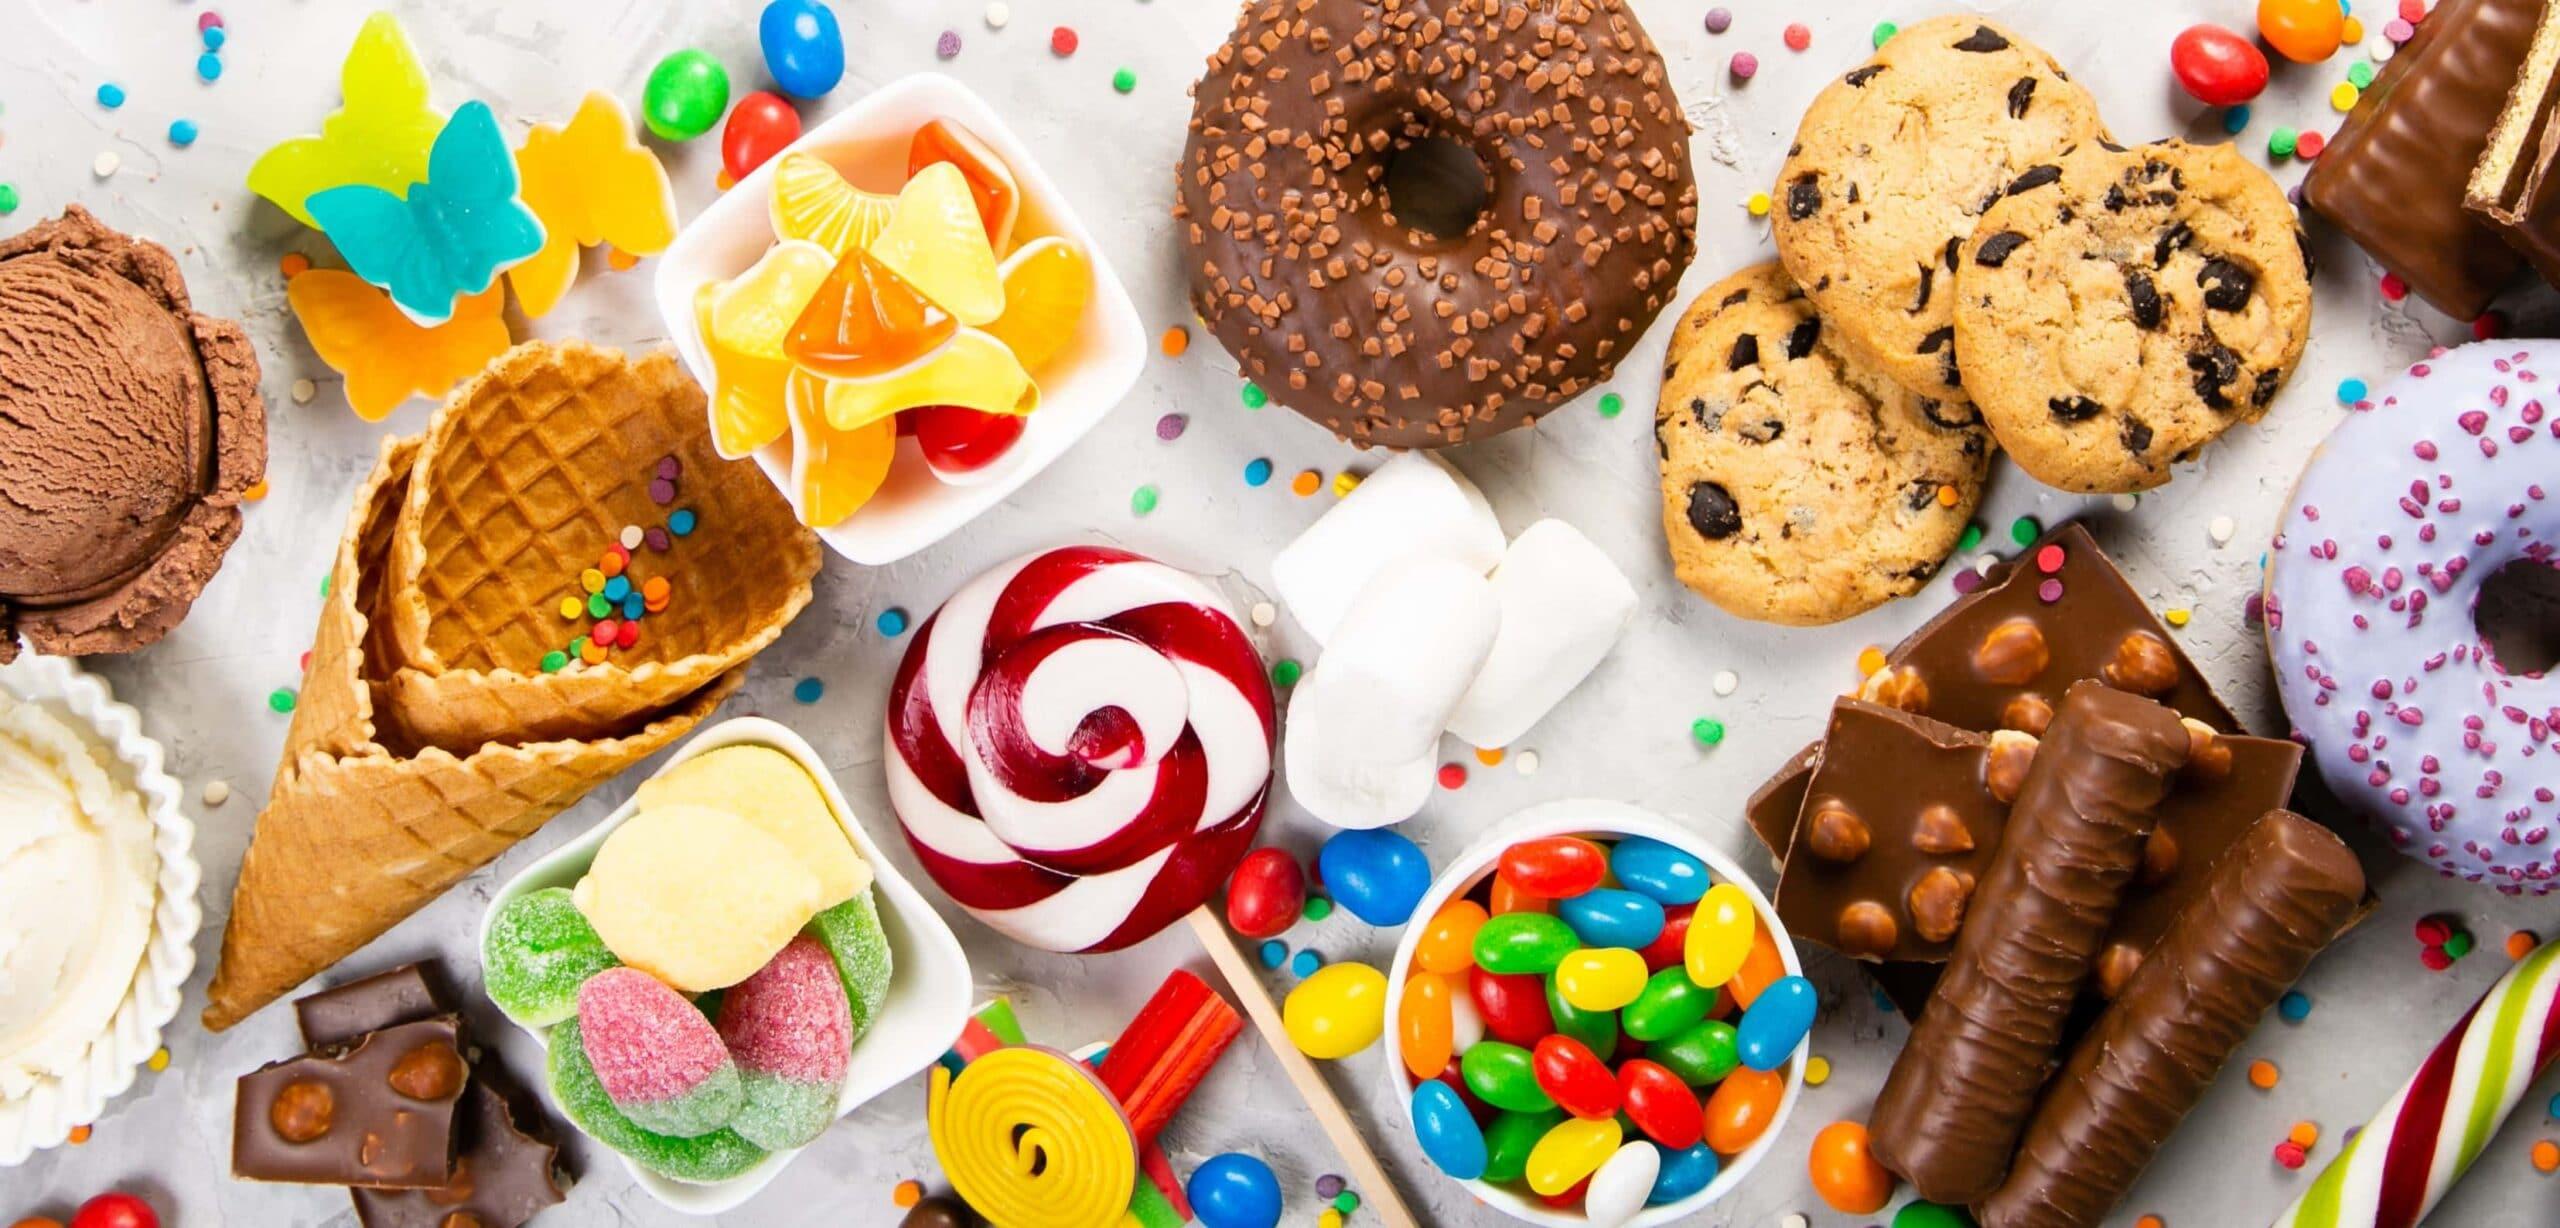 cibi con grassi idrogenati nella dieta